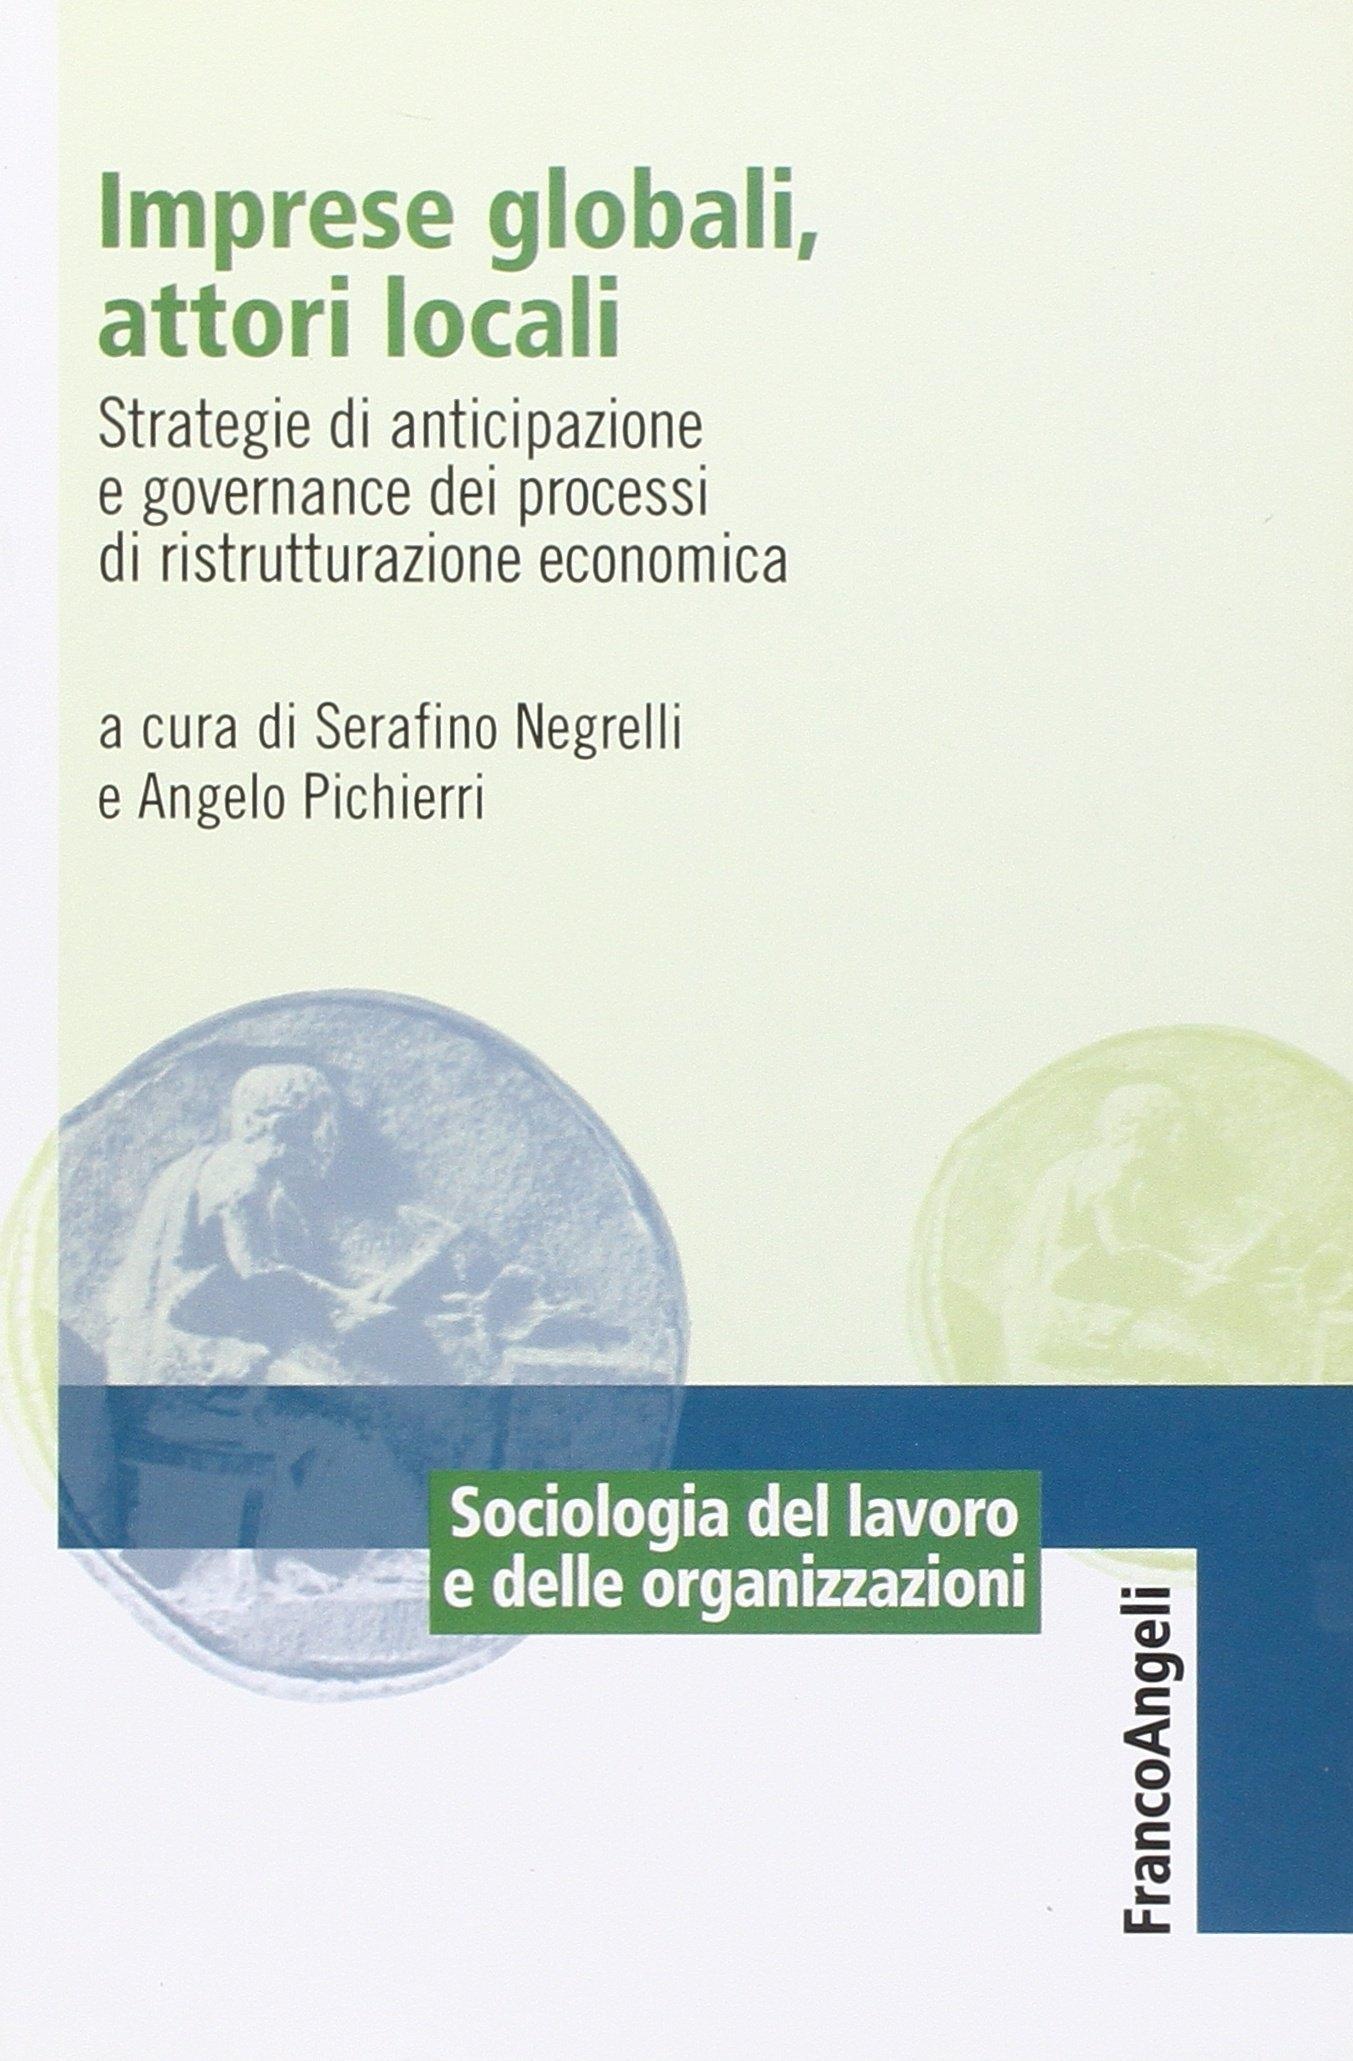 Imprese globali, attori locali. Strategie di anticipazione e governance dei processi di ristrutturazione economica